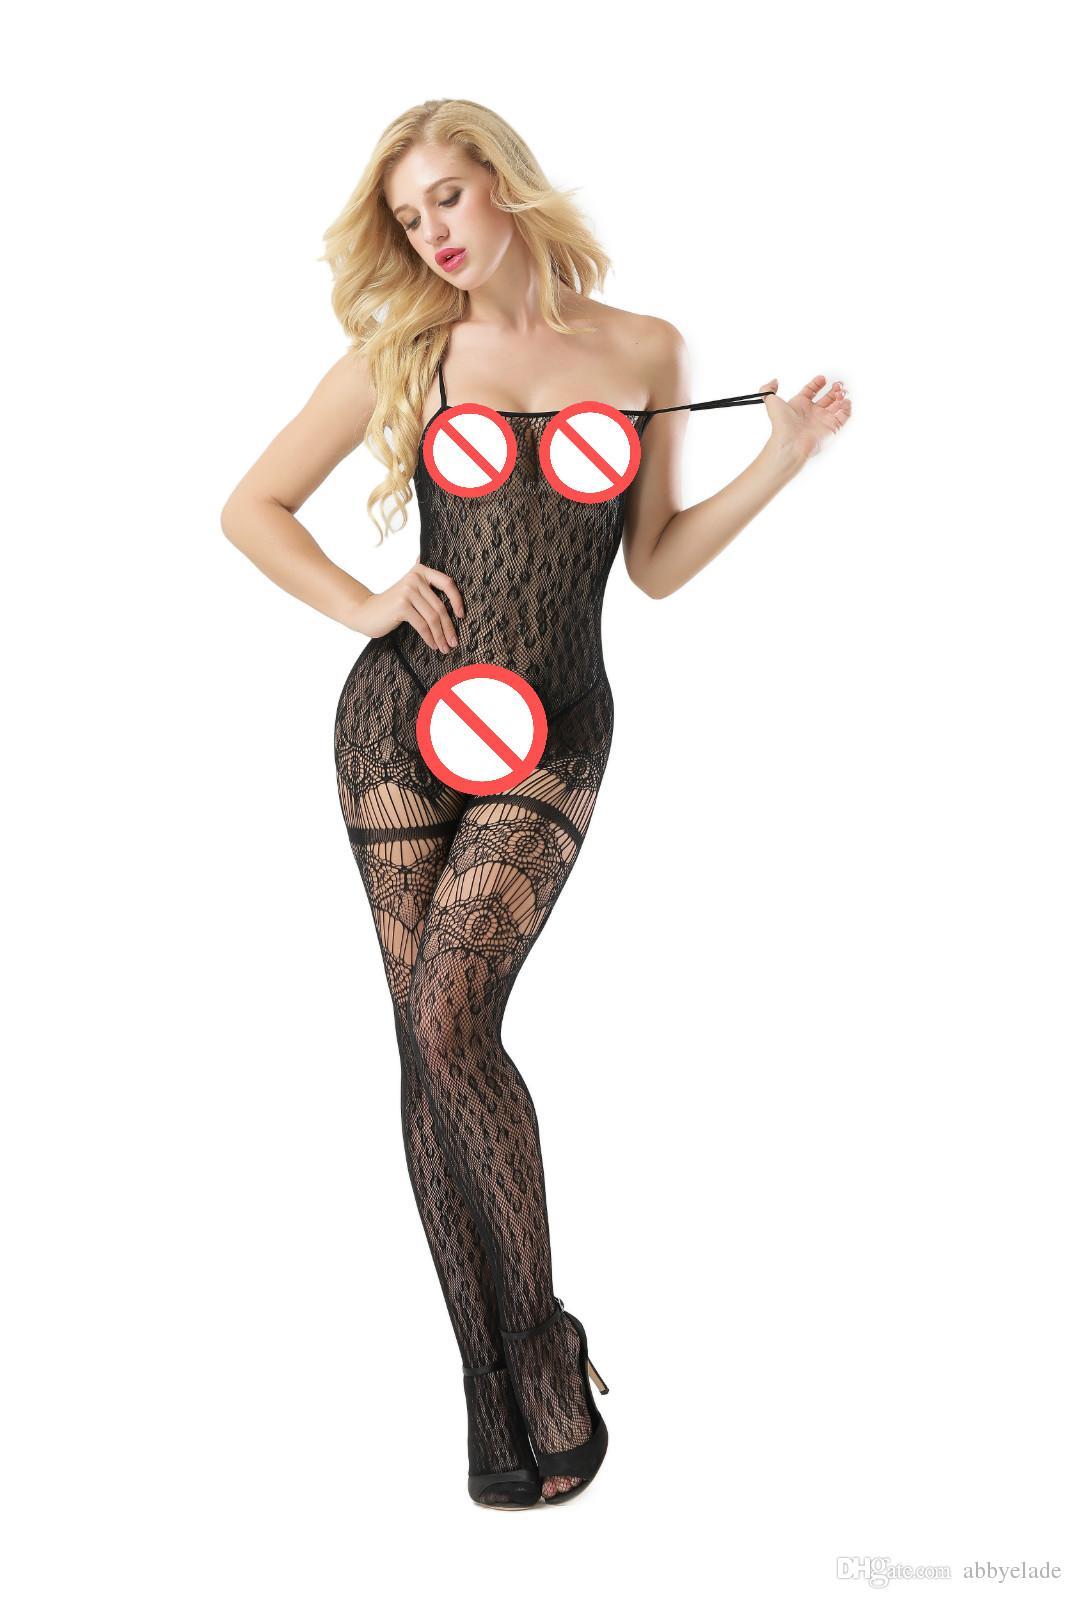 Kadın seksi iç çamaşırı Fishnet Bodystocking Açık kasık catsuit oyuk Vücut örtüsü Erotik iç çamaşırı Porno kostümleri